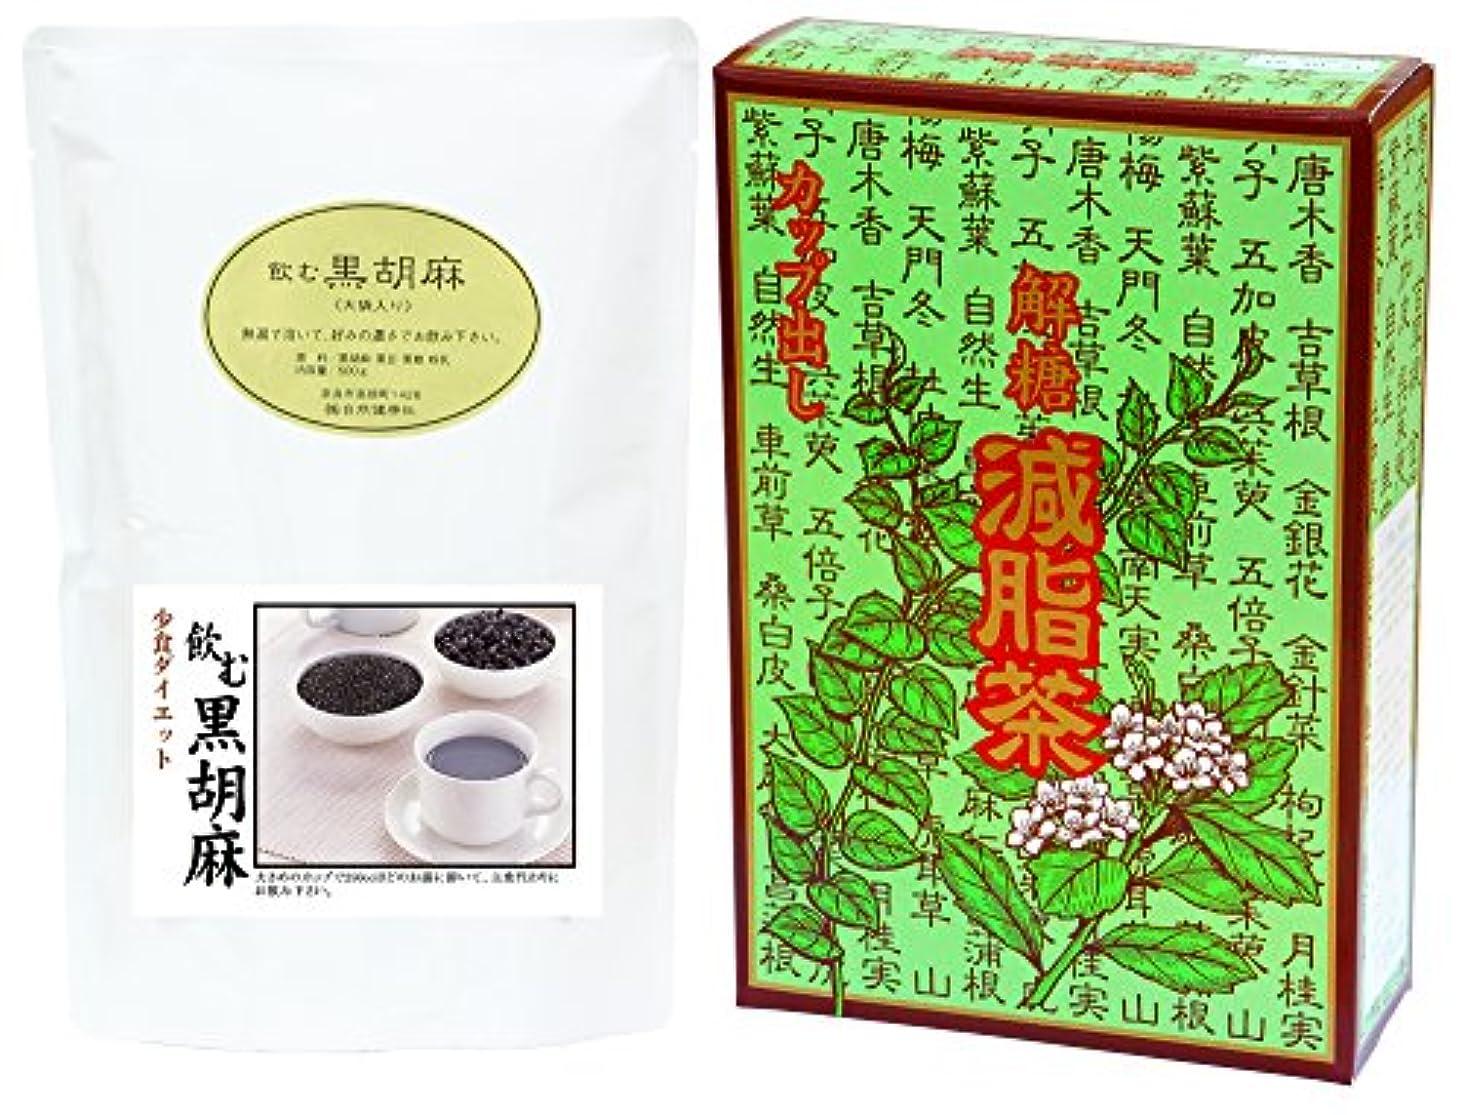 浪費パワーカジュアル自然健康社 飲む黒胡麻?大袋 500g + 減脂茶?箱 64パック